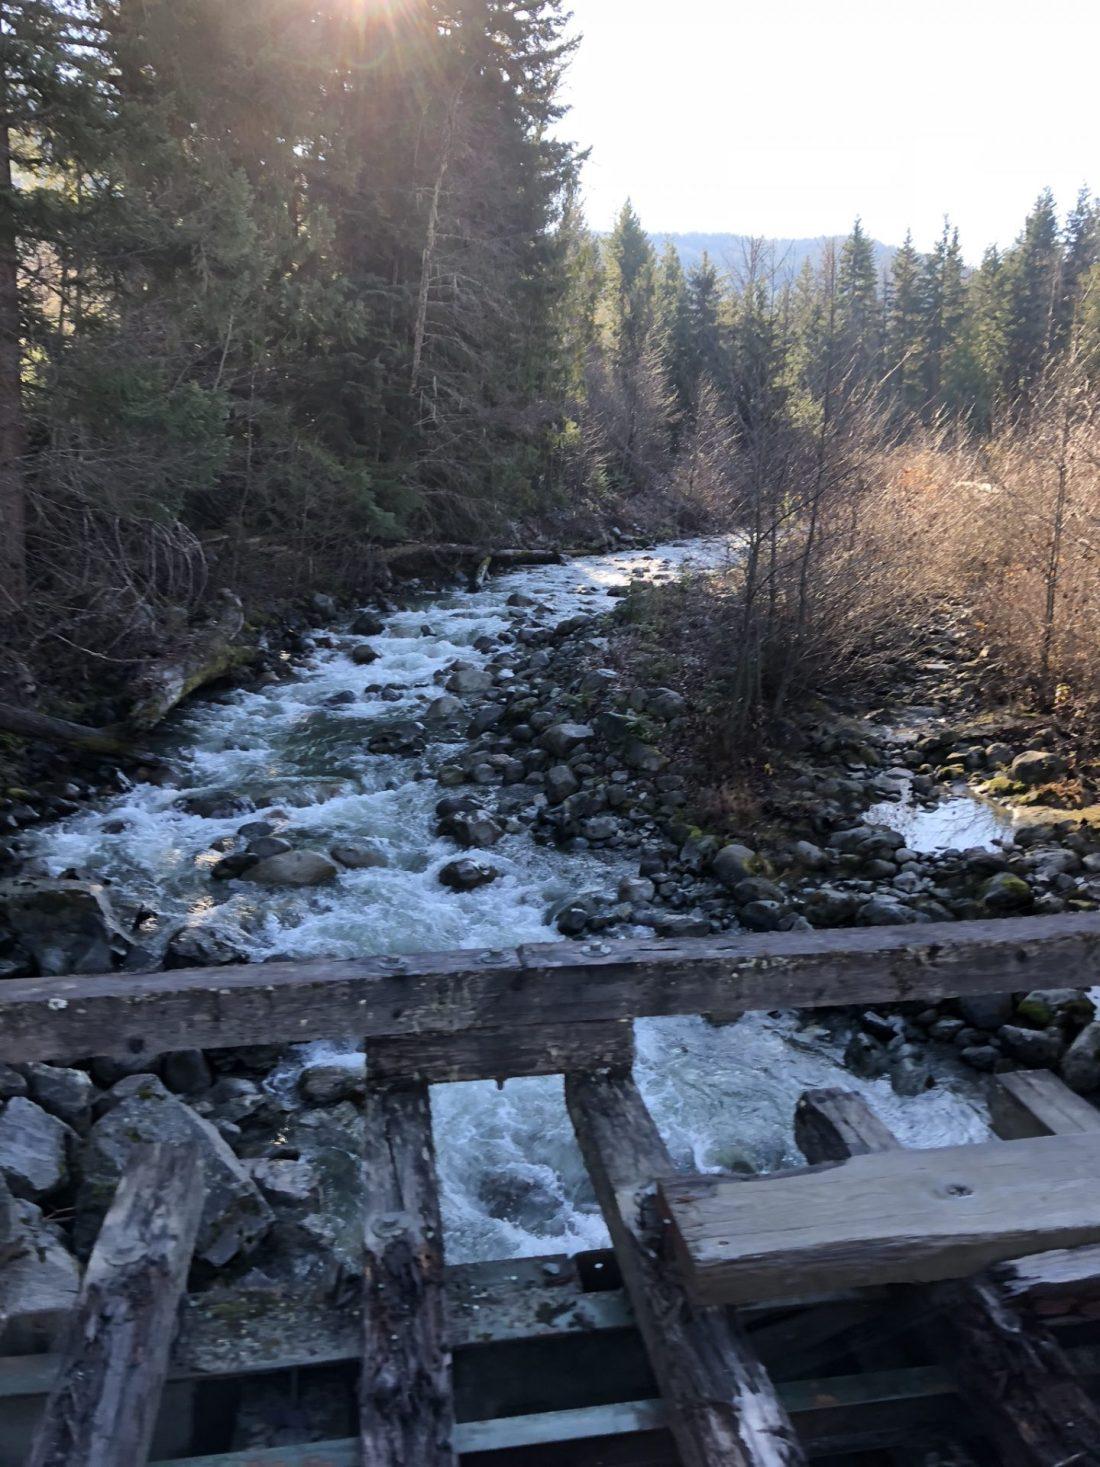 River near Parkhurst Ghost Town in Whistler